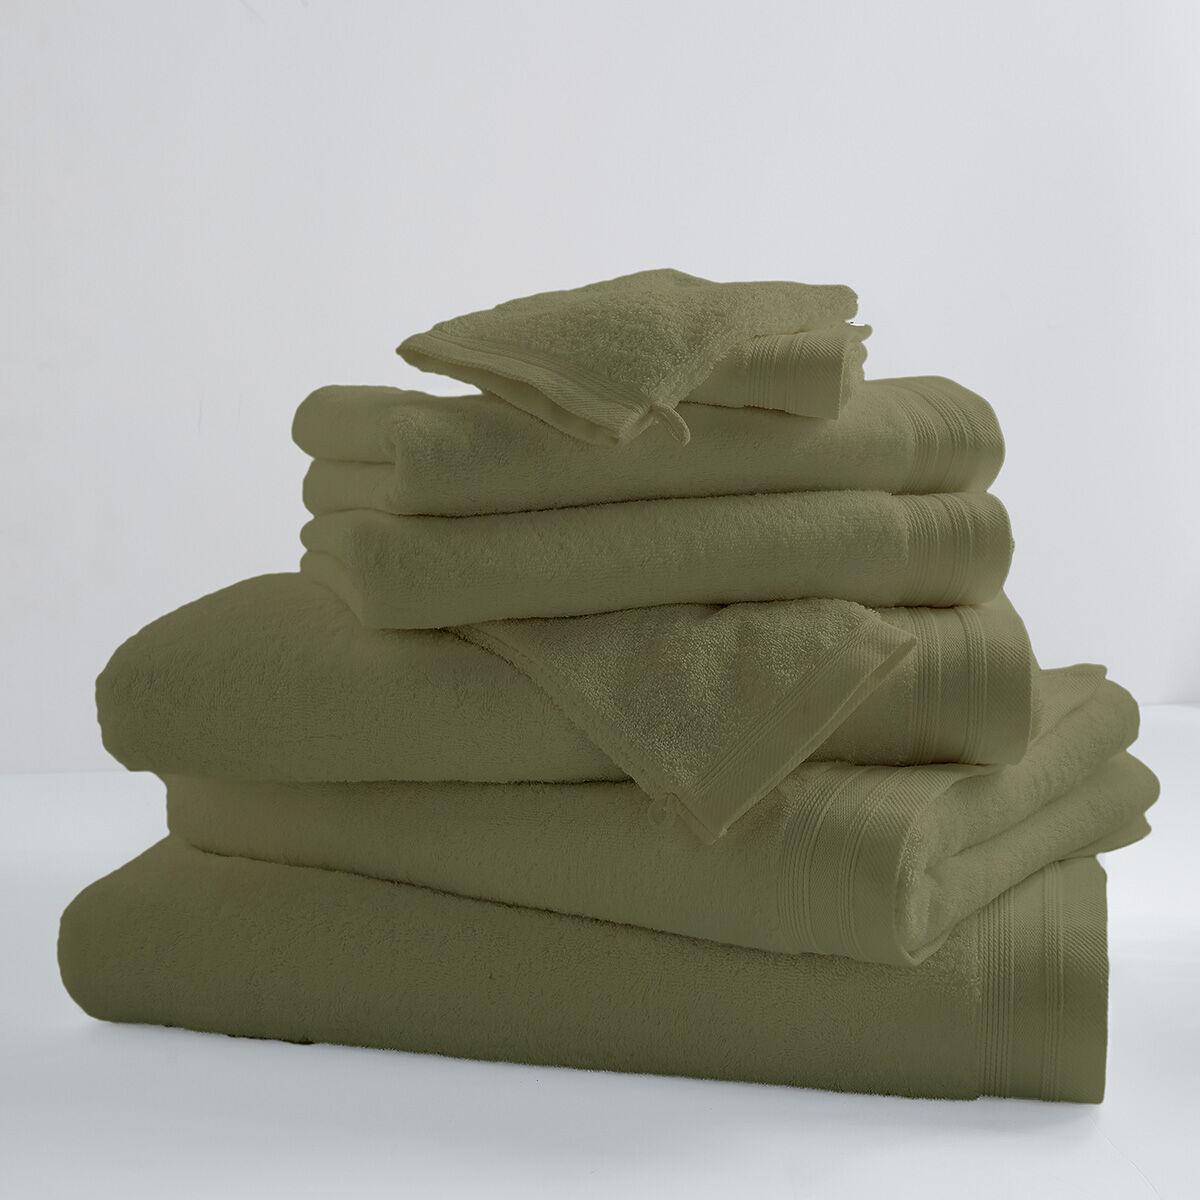 Home Bain Drap de bain uni et coloré coton vert tilleul 150x100